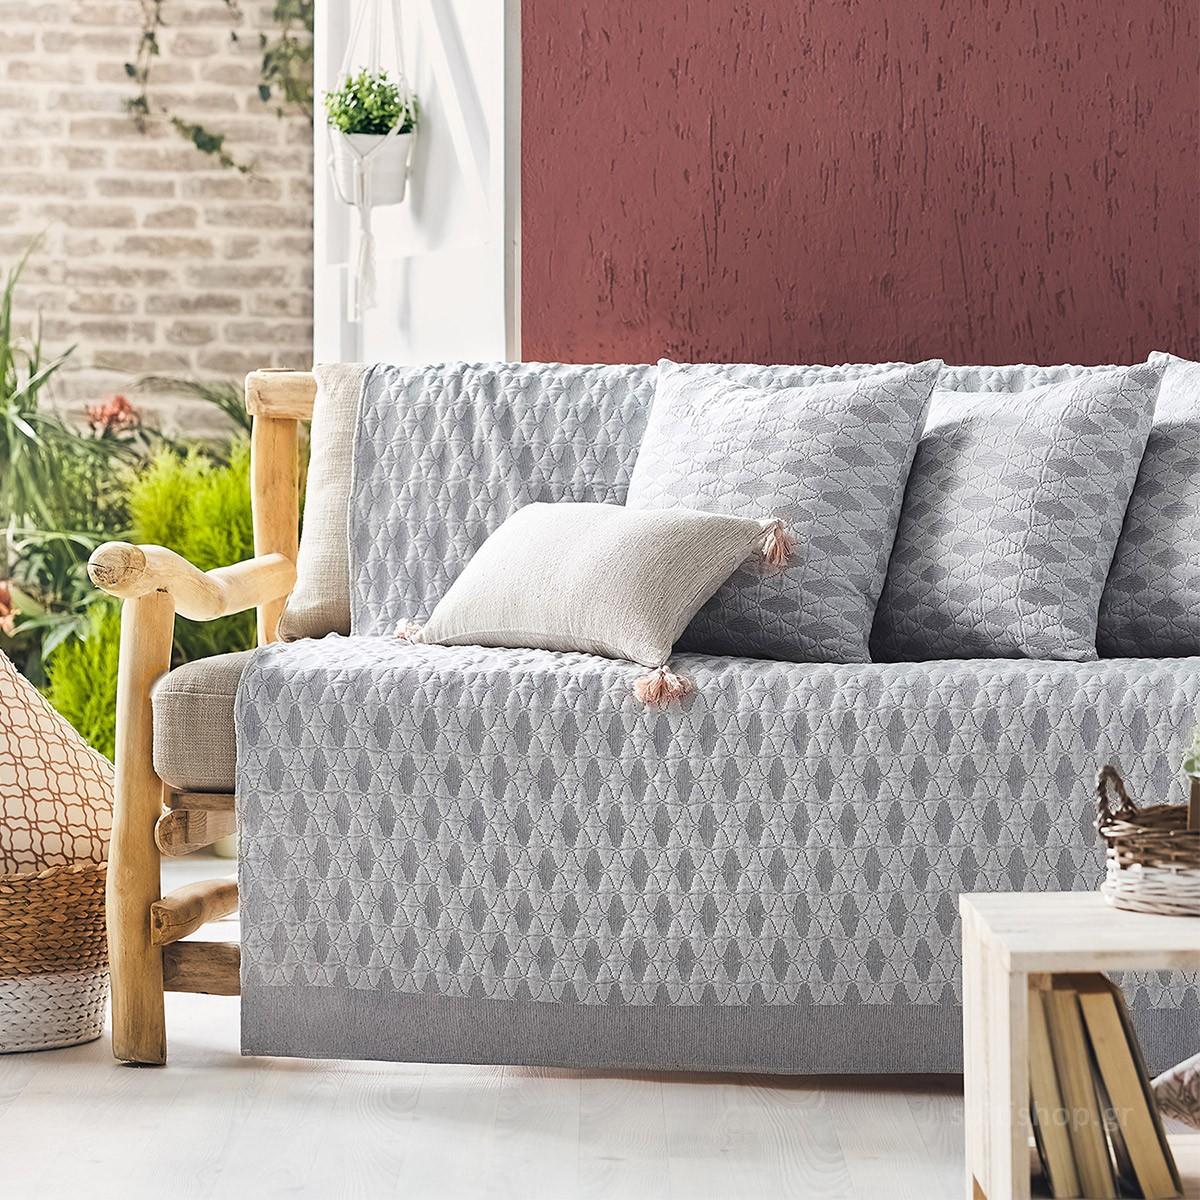 Ριχτάρι Πολυθρόνας (180×180) Gofis Home Quattro Grey 386/15